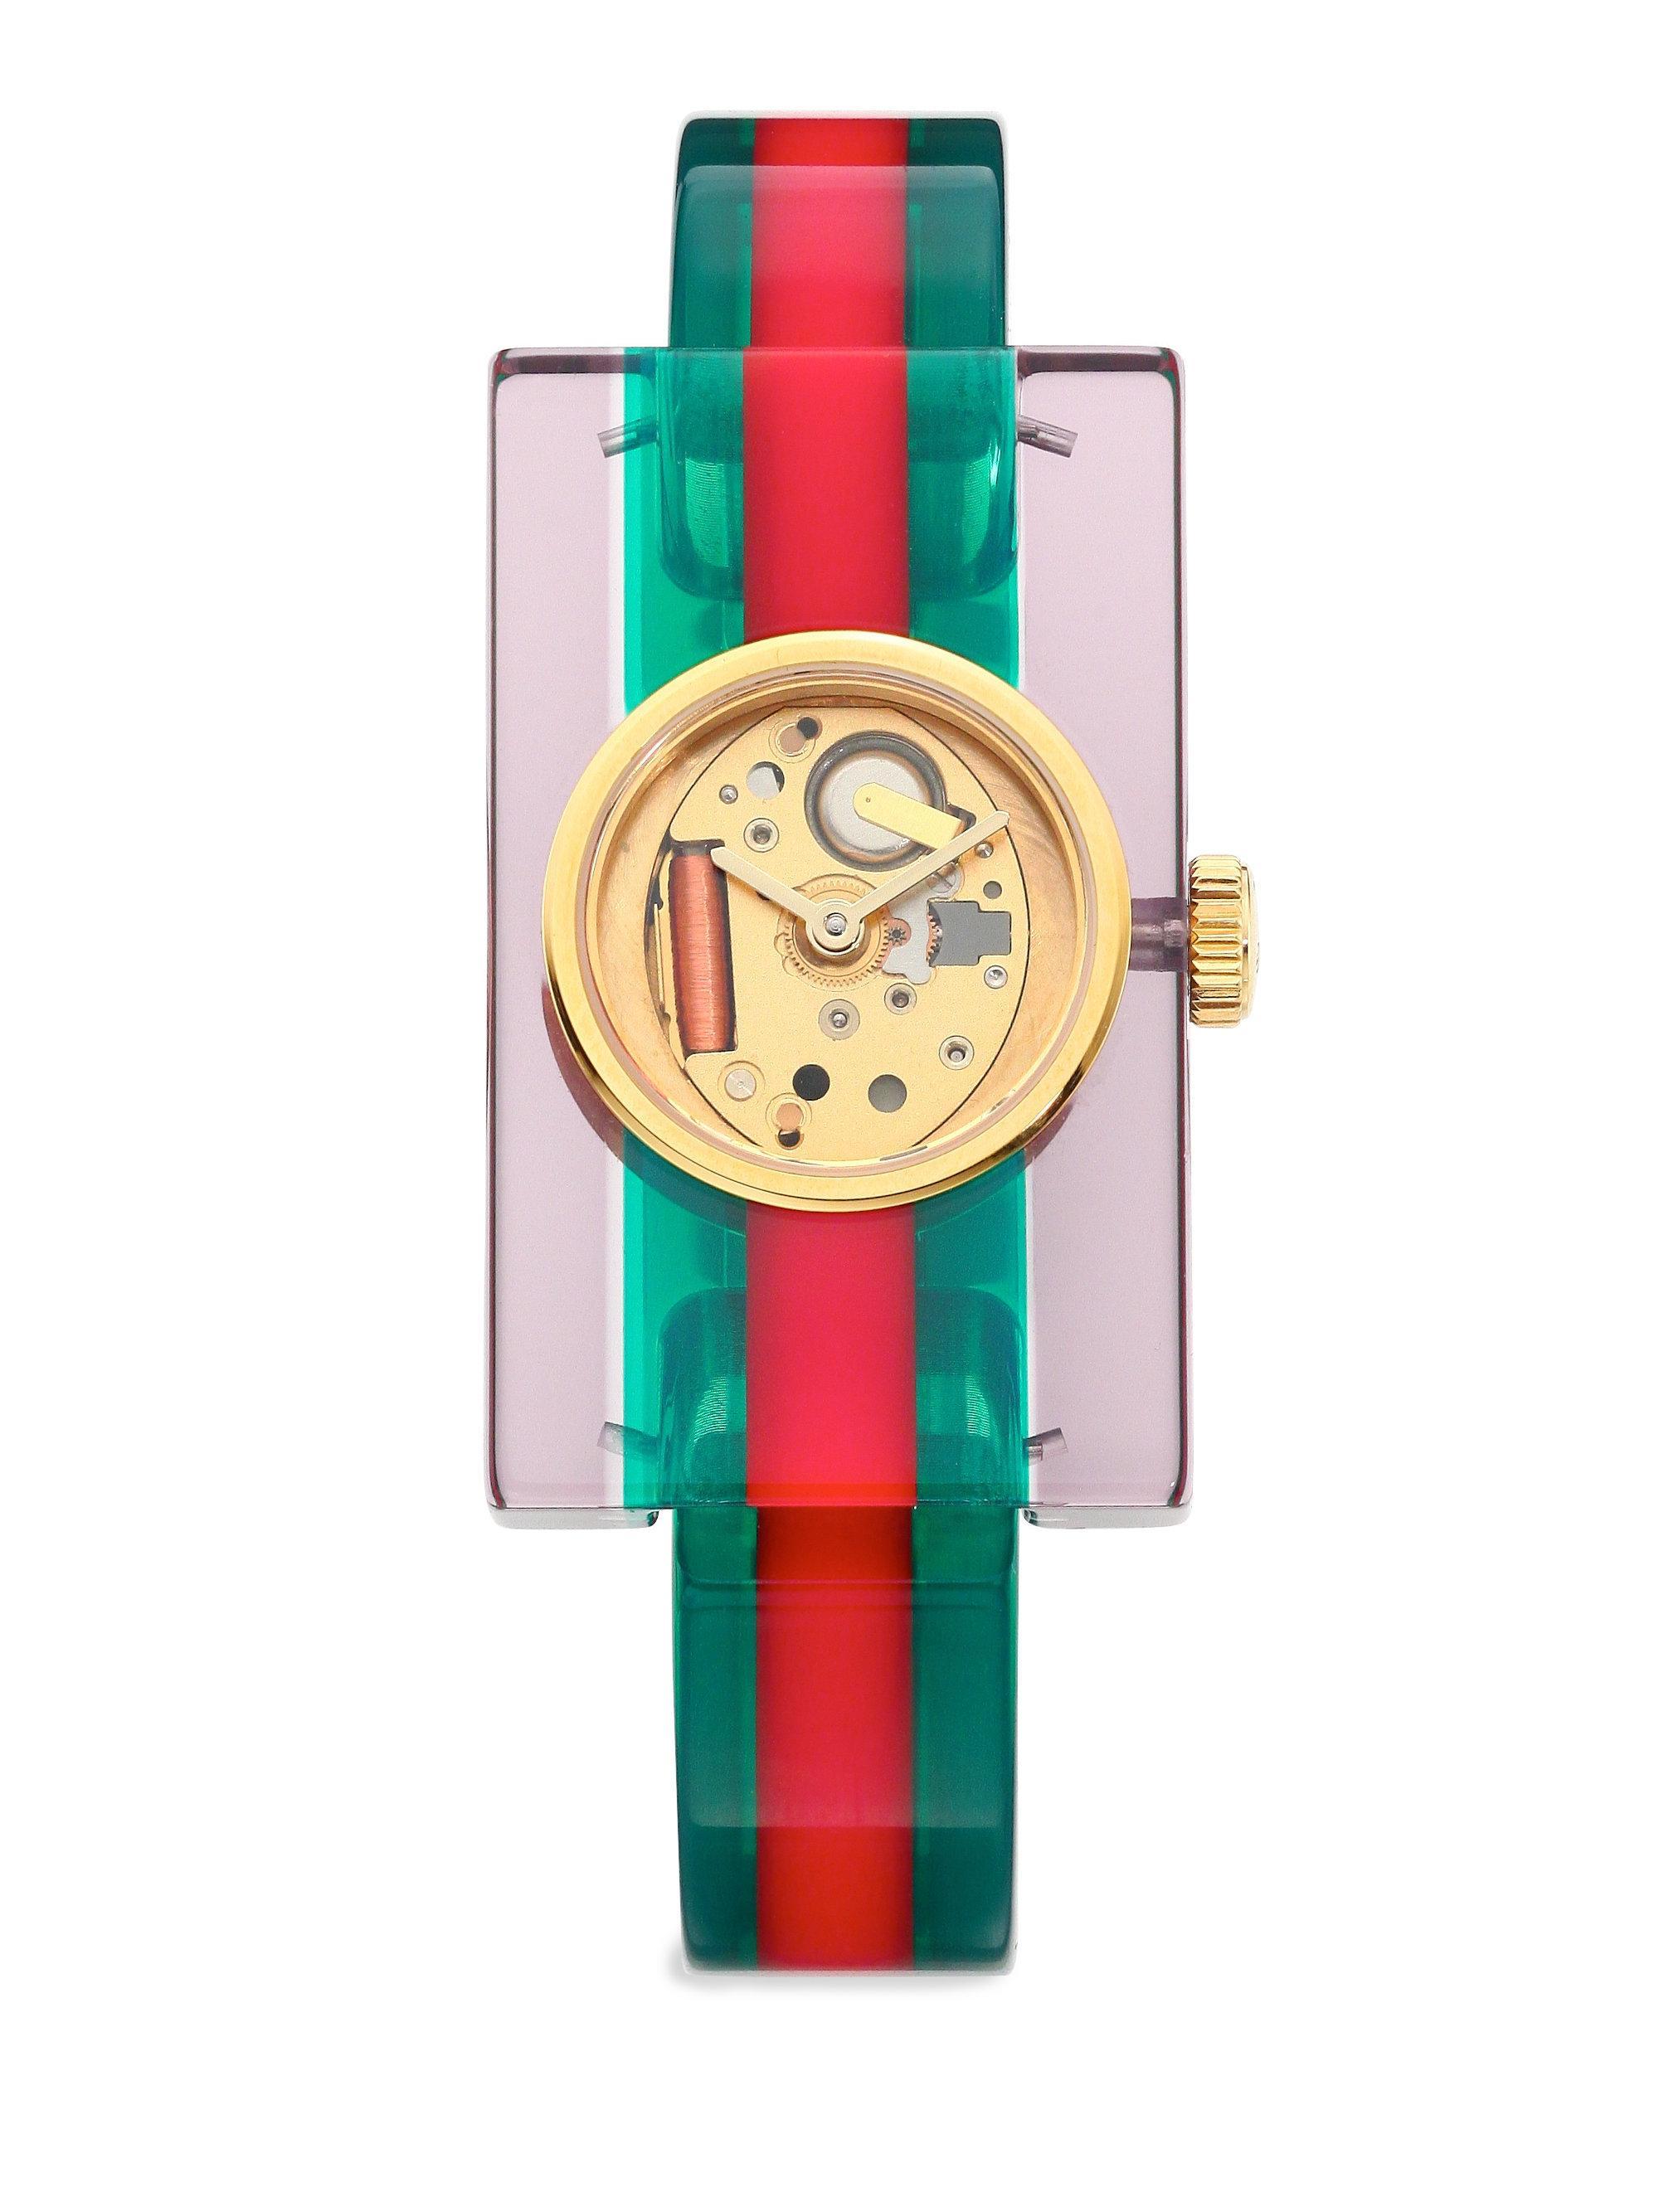 6bbd605c7a8 Gucci Transparent Plexiglas Bangle Watch - Save 18% - Lyst